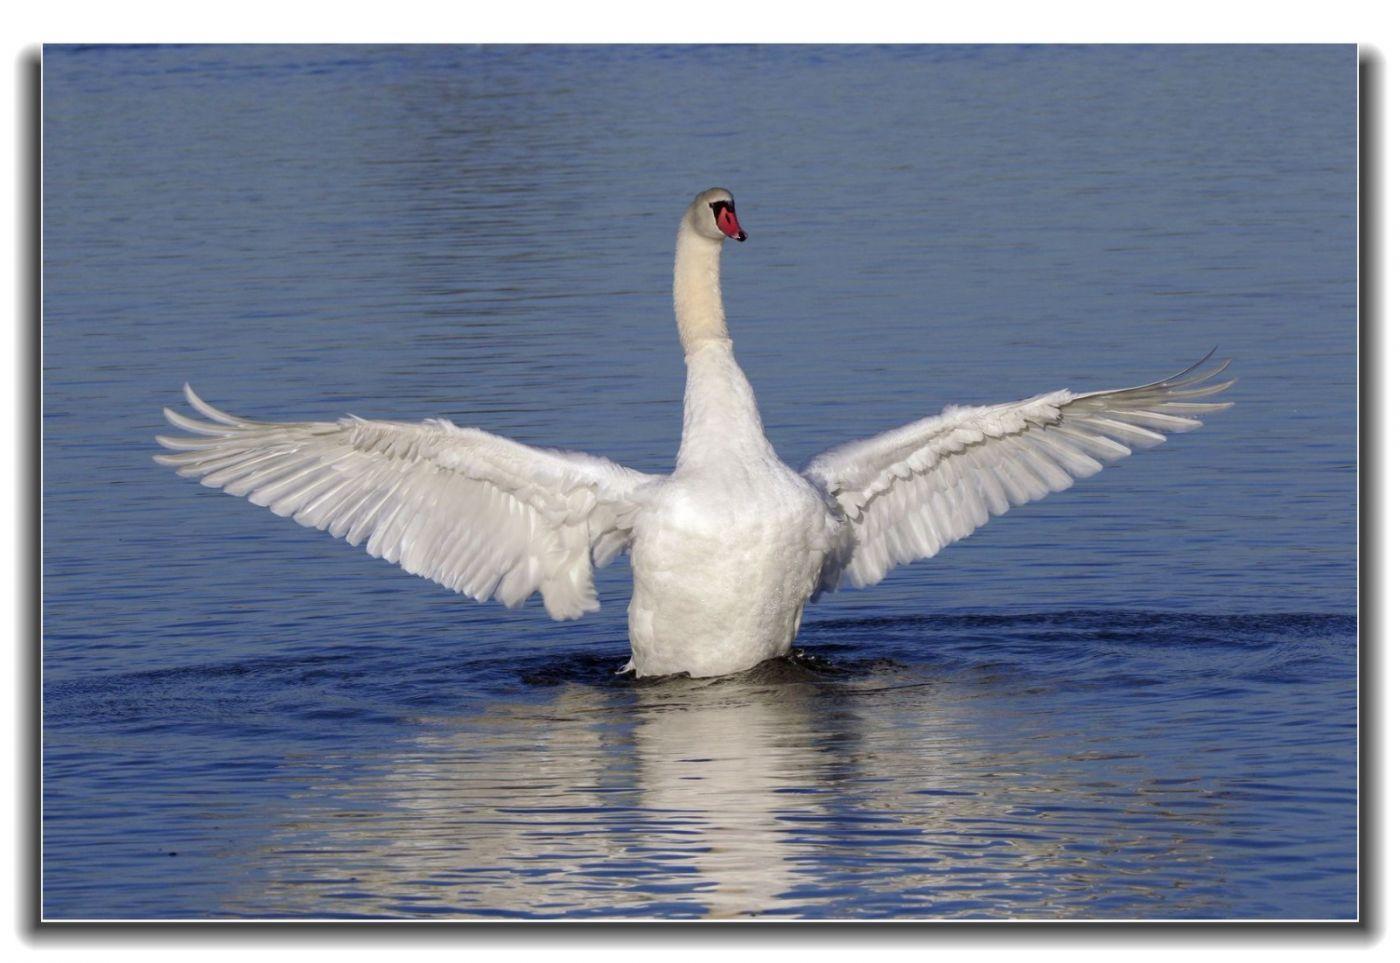 牙买加野生动物保护区拍天鹅及水鸟_图1-17